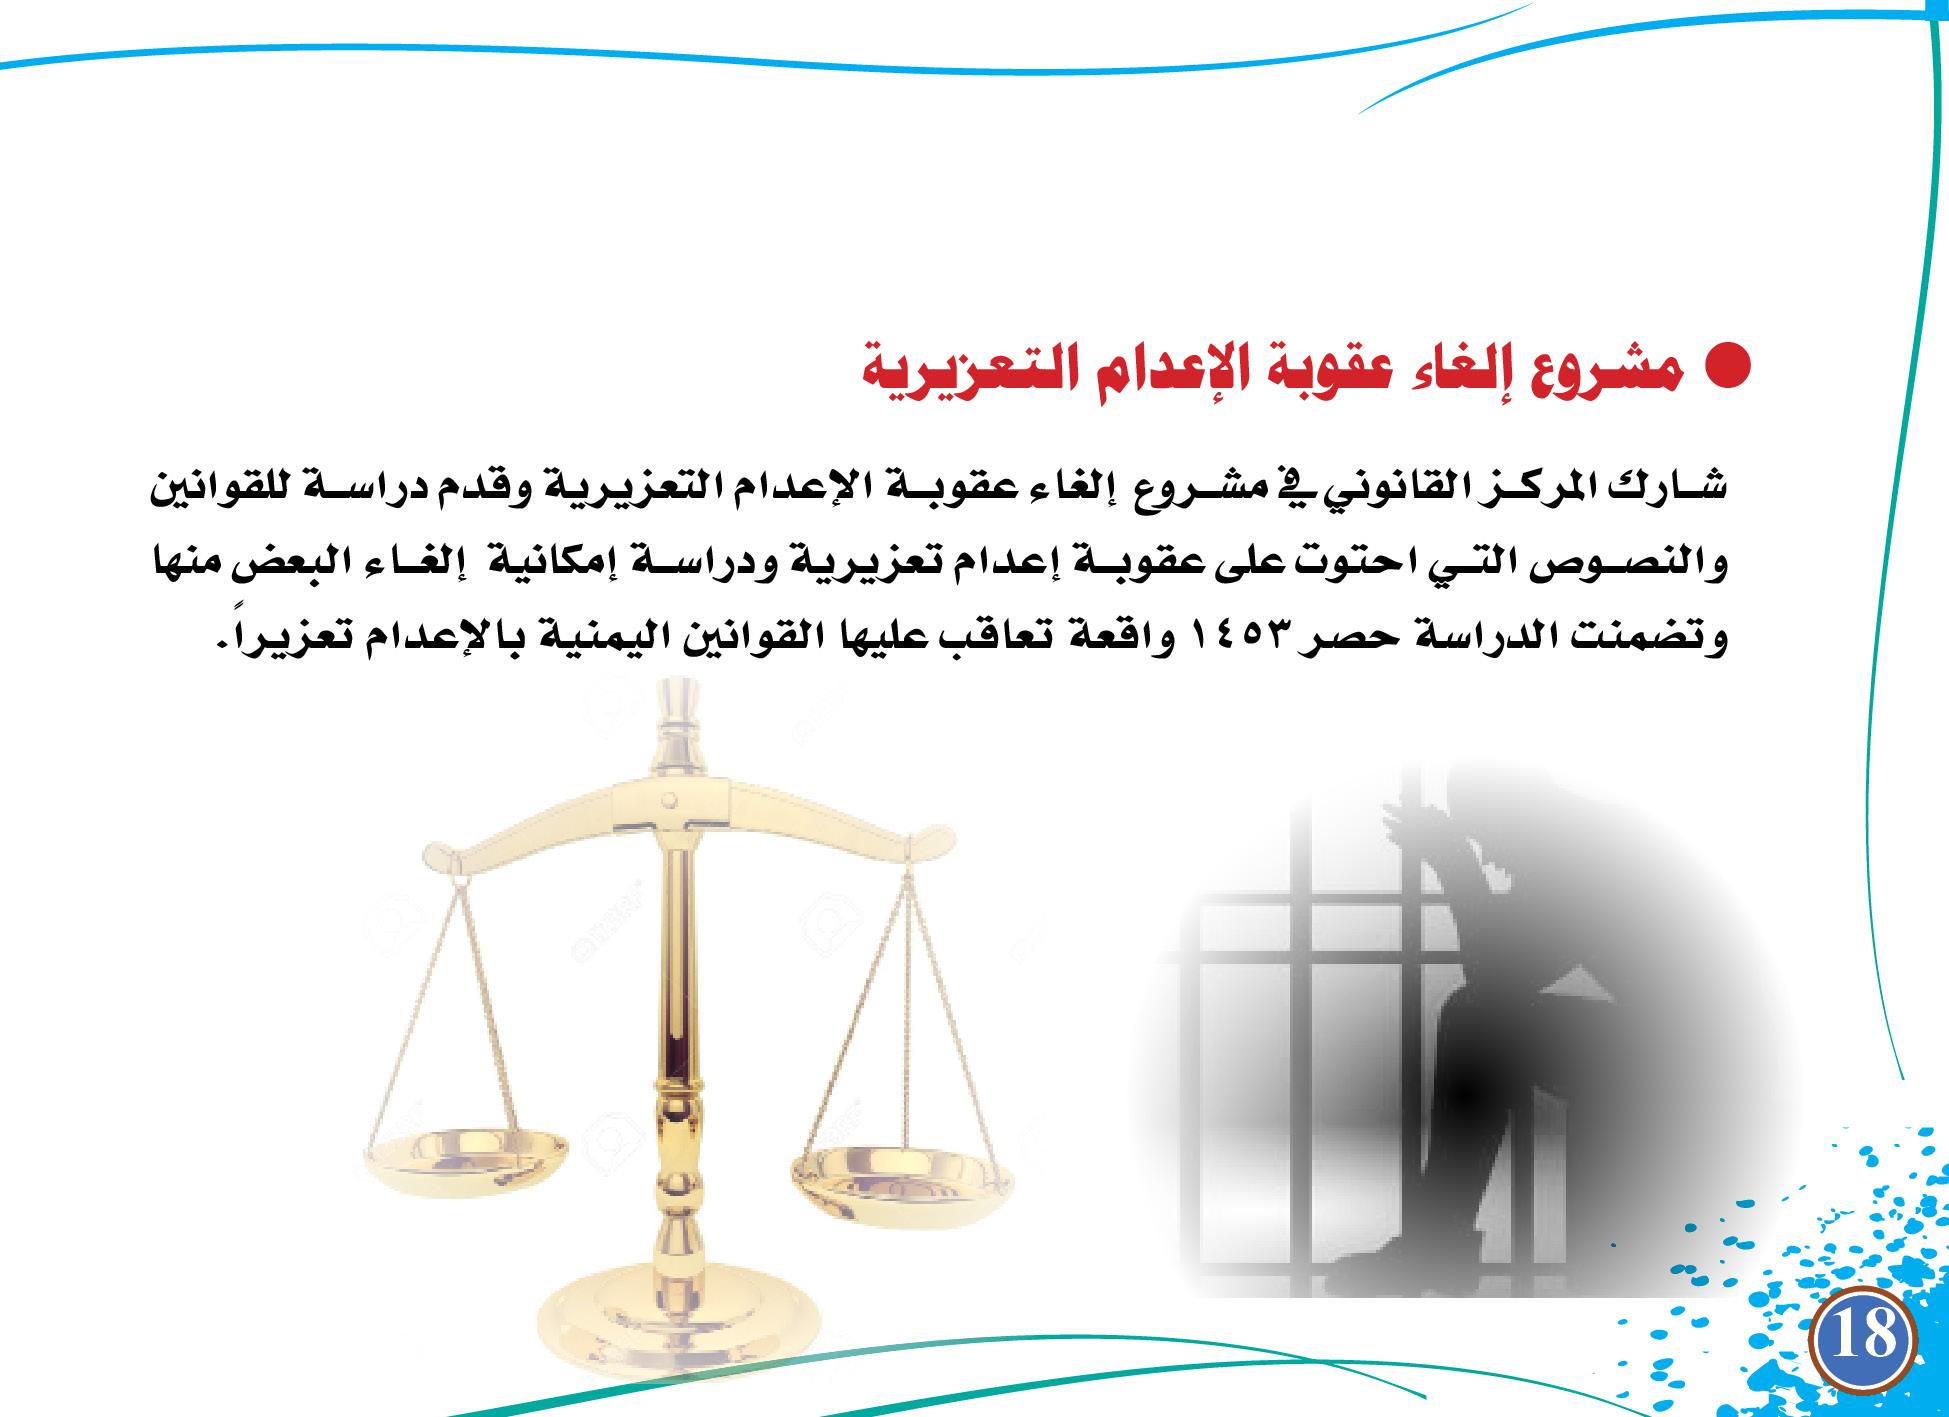 برشور المركز القانوني باللغة العربية18